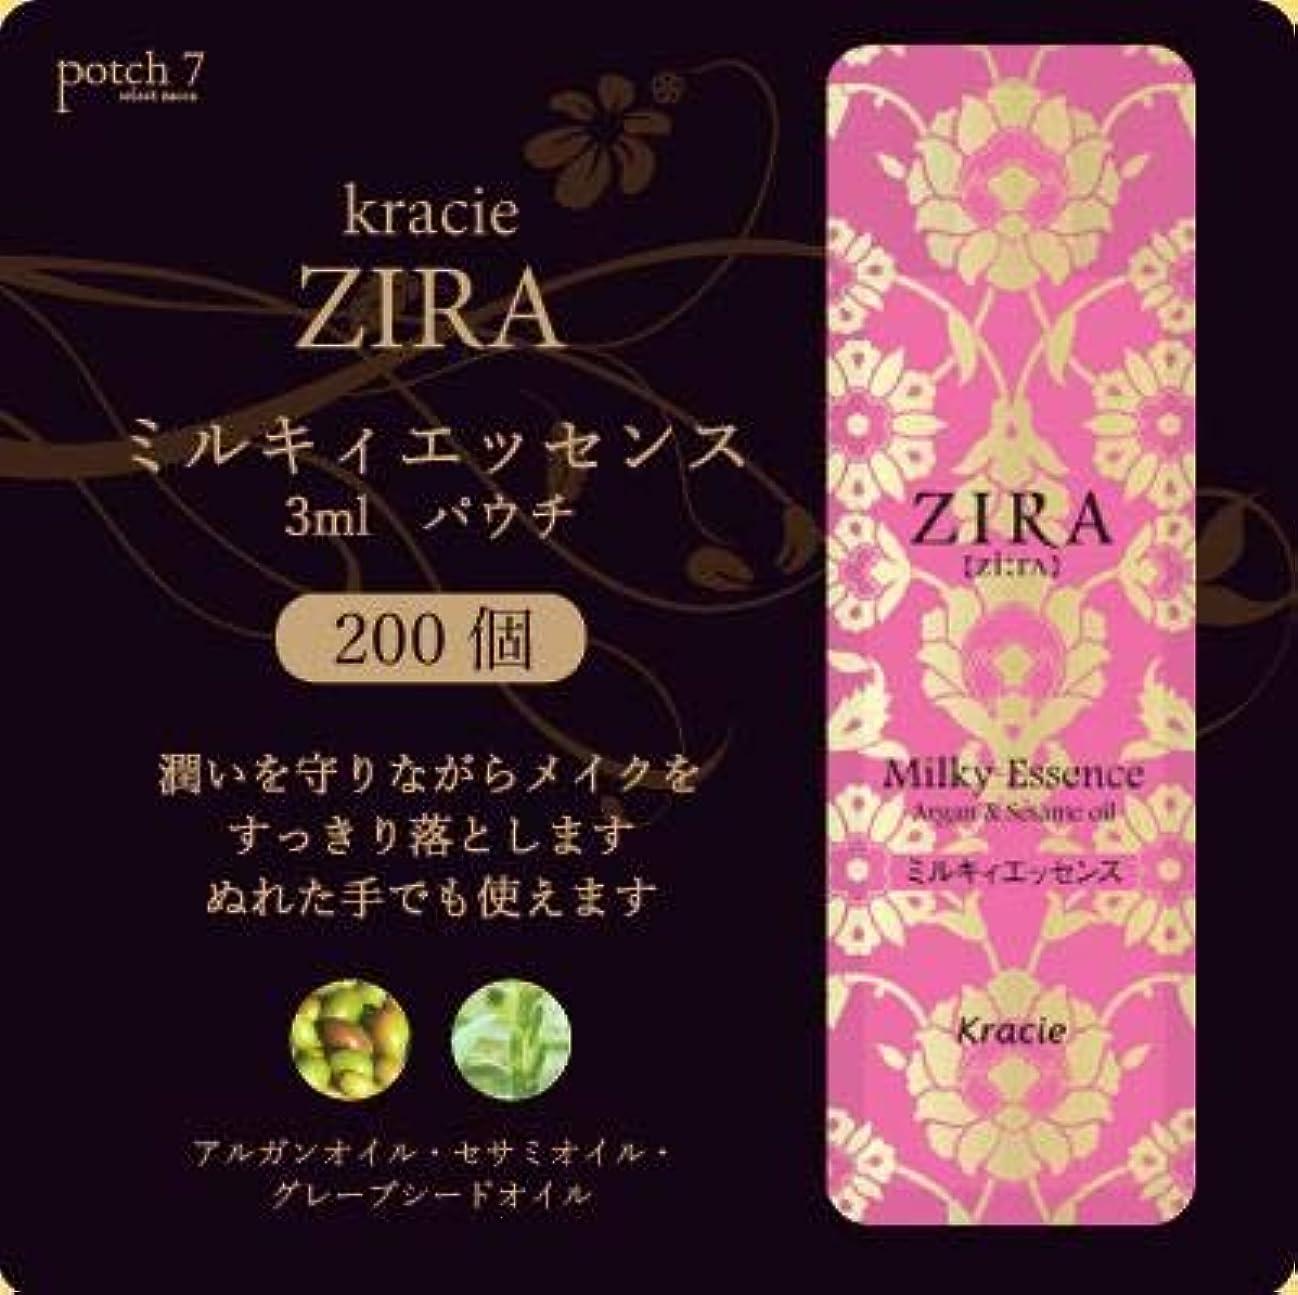 聴覚素晴らしいです池Kracie クラシエ ZIRA ジーラ ミルキィエッセンス 美容液 パウチ 3ml 200個入